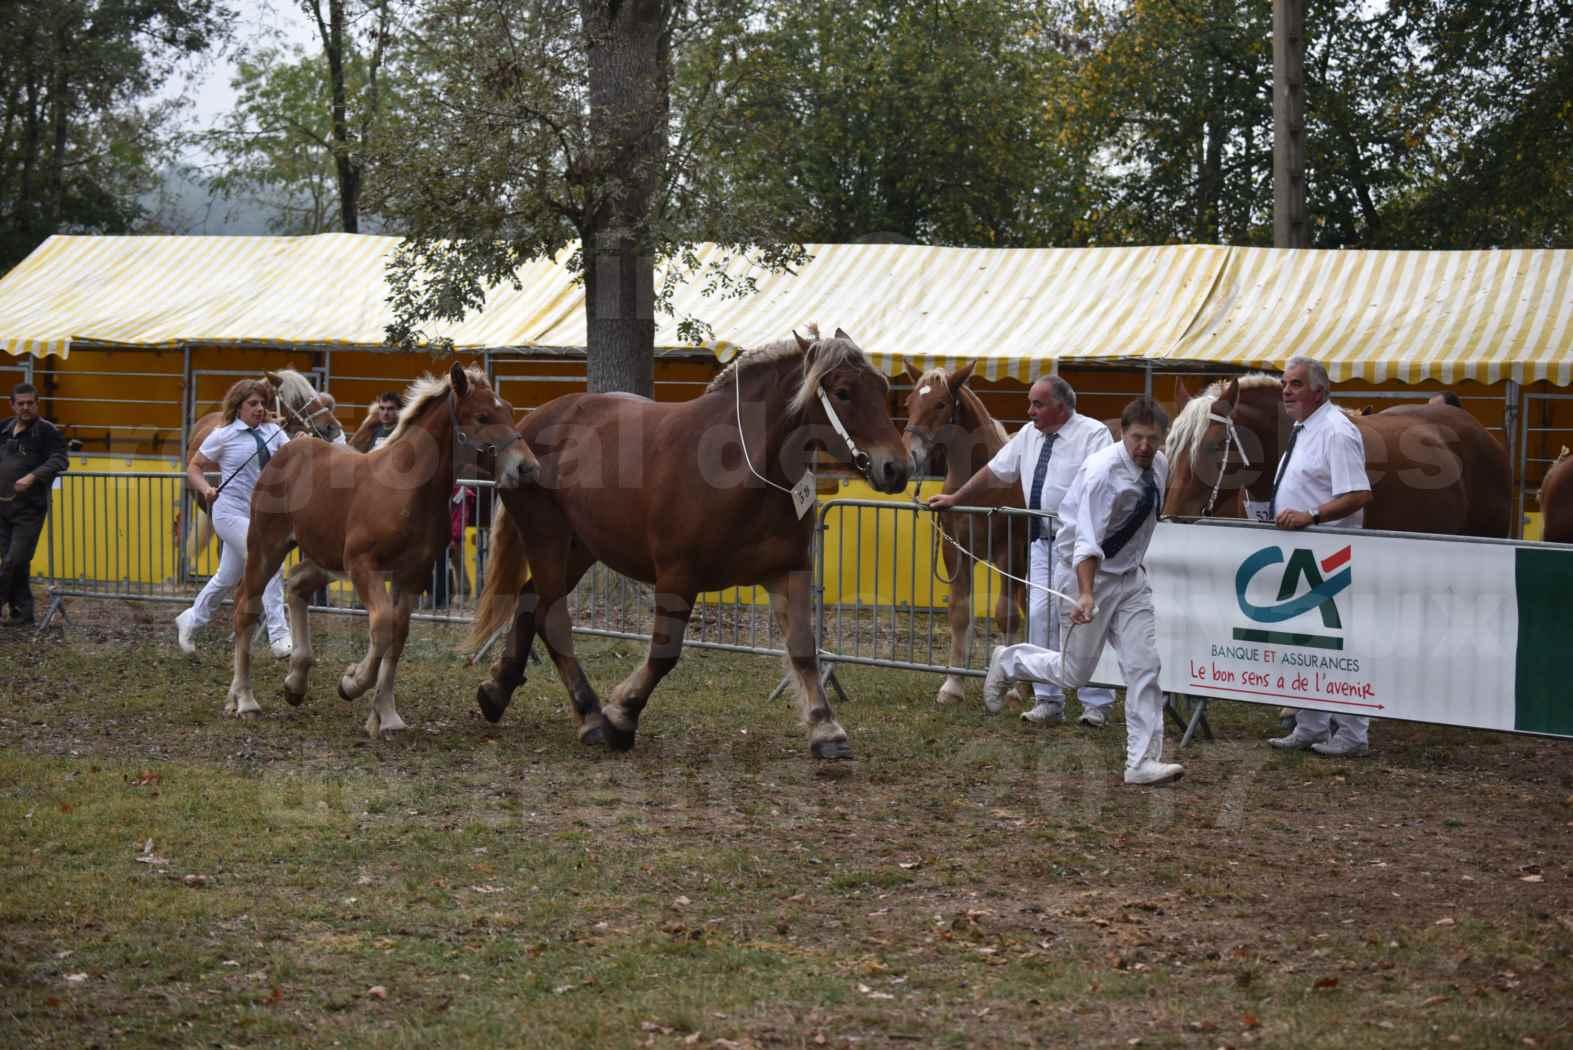 Concours Régional de chevaux de traits en 2017 - Jument & Poulain Trait COMTOIS - CHIPPIE 2 - 10